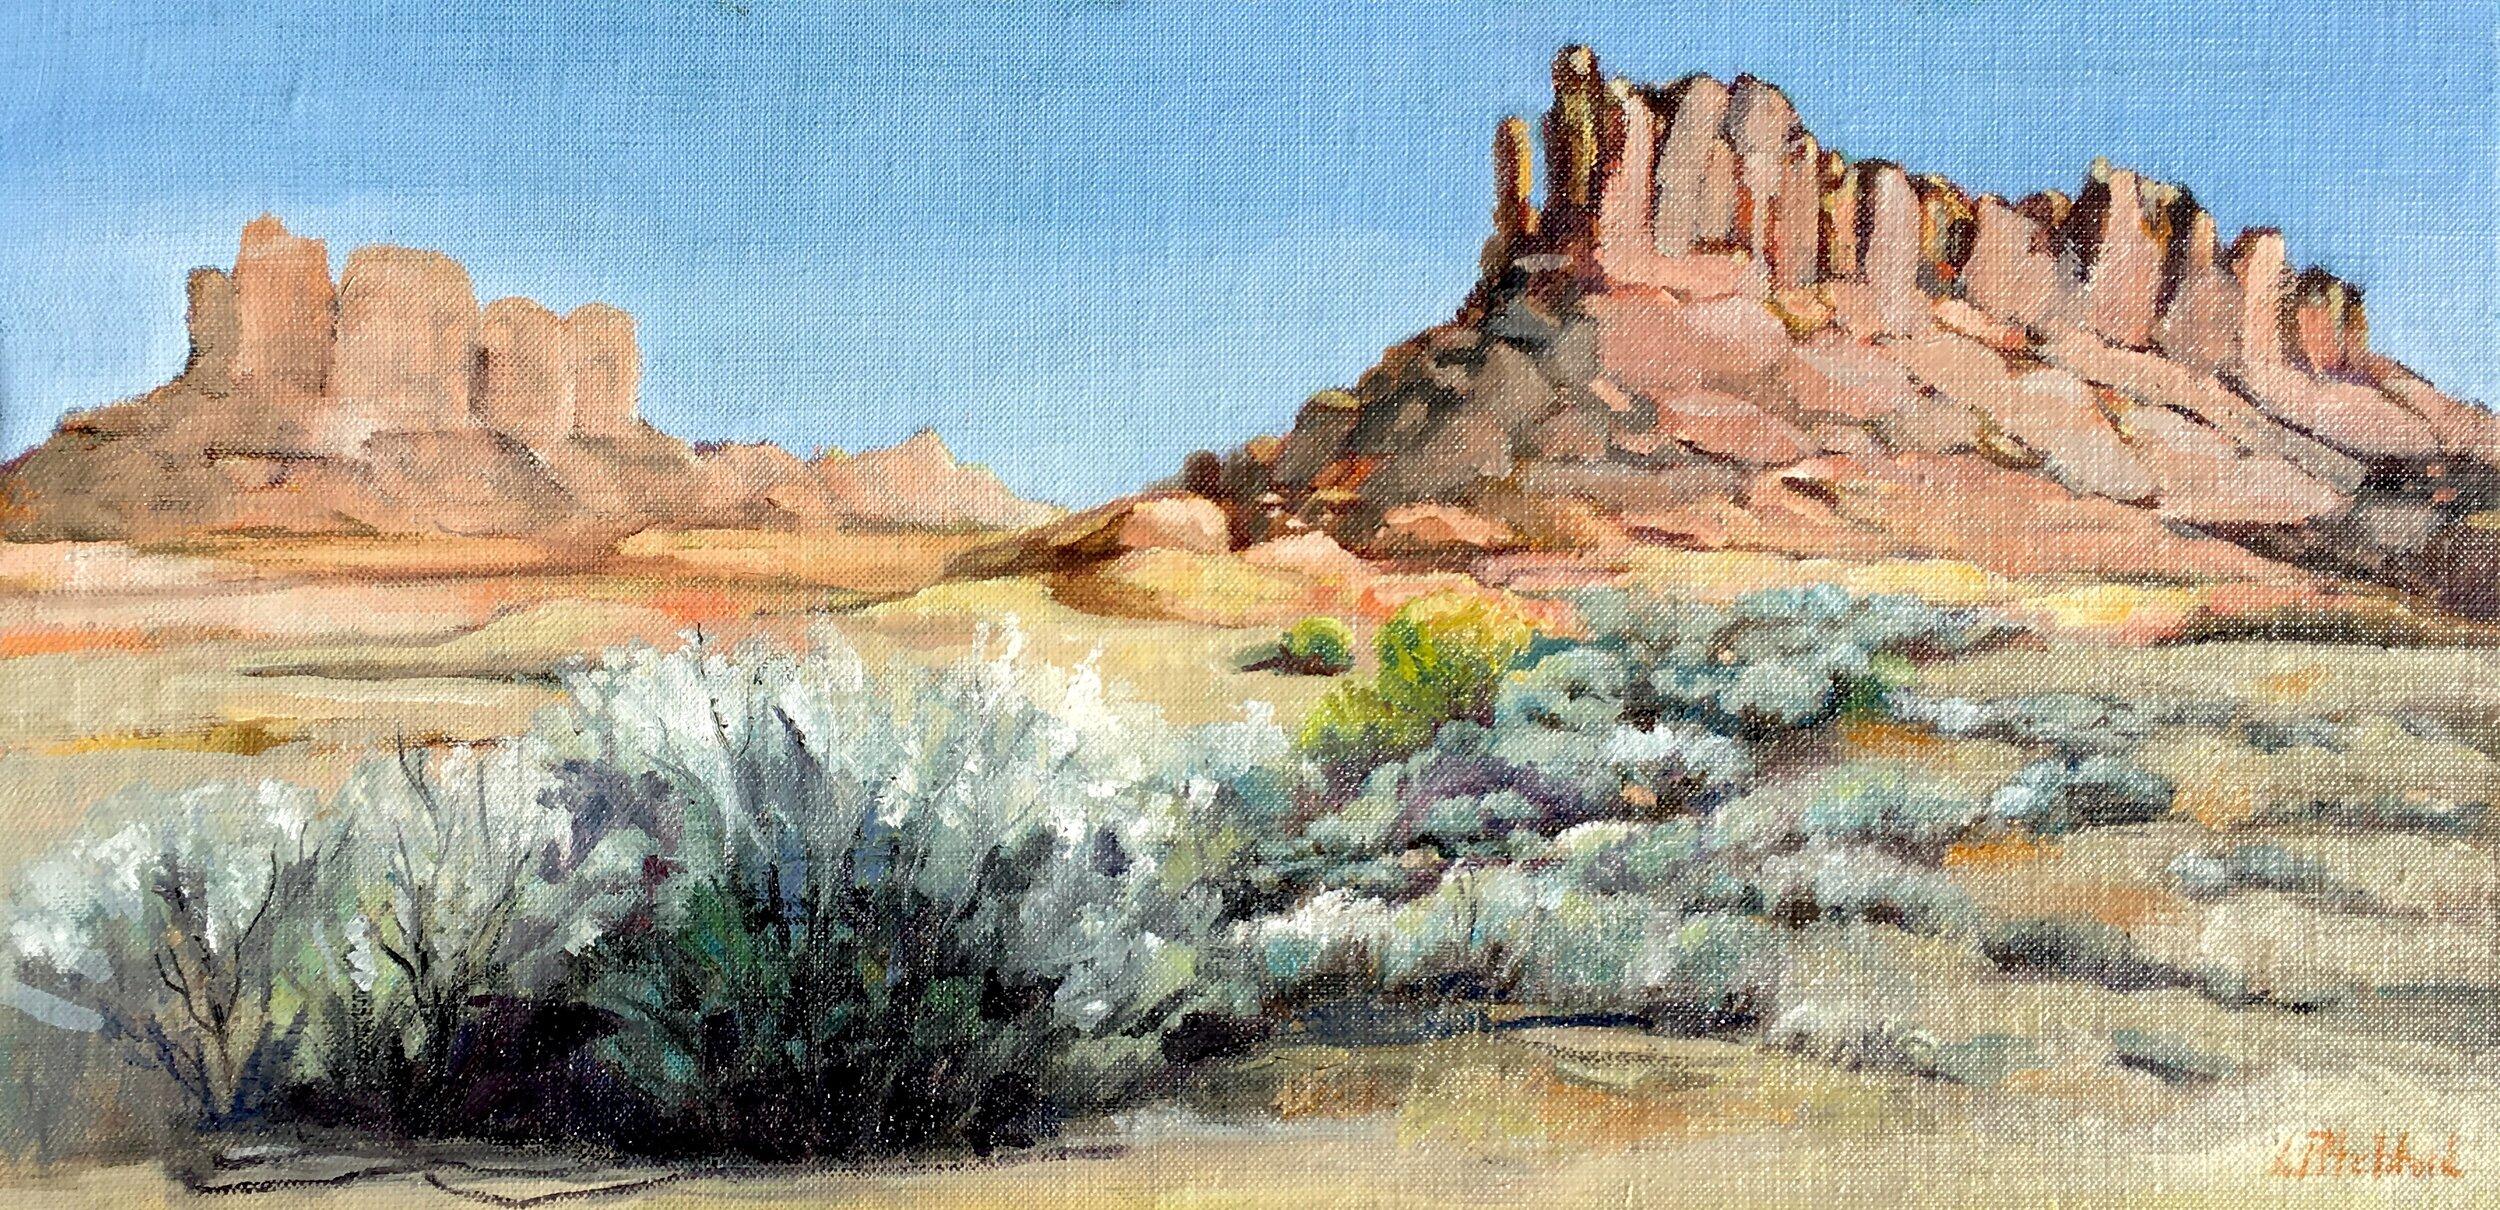 Utah Sand Stone